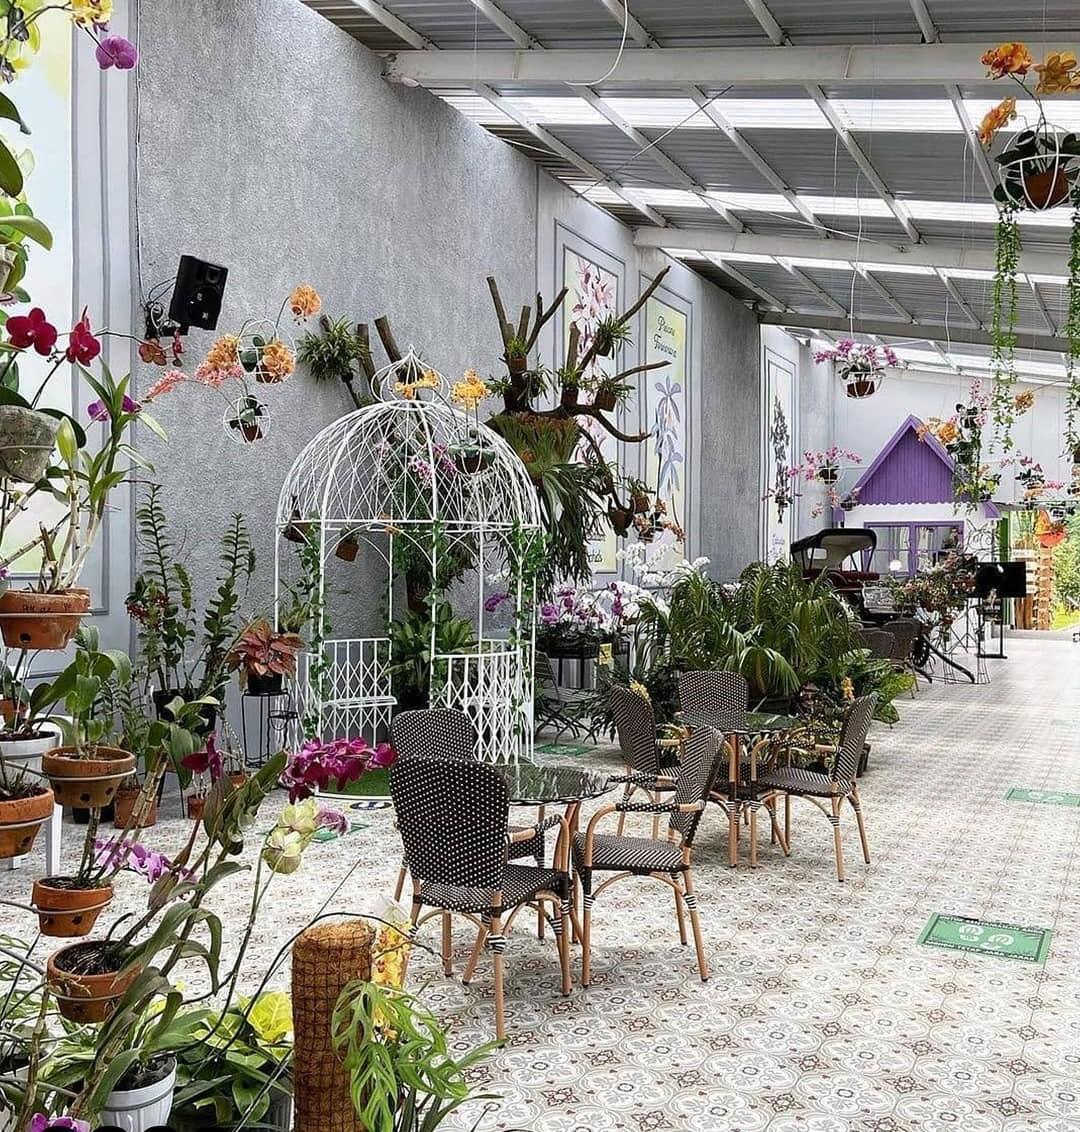 Cafe De Orchid atau Terrace Cafe Batu Love Garden